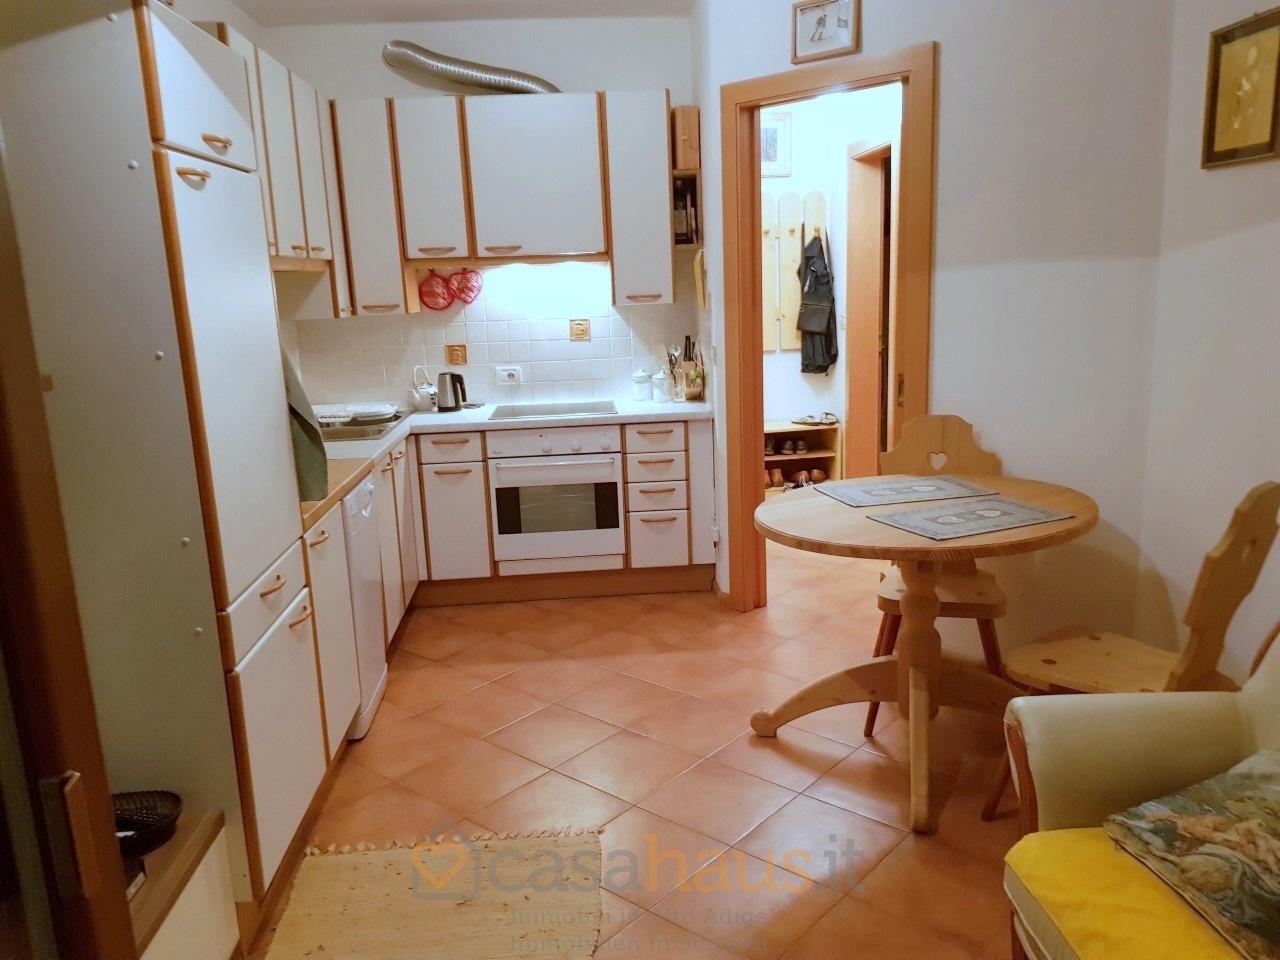 Appartamento in vendita a Brunico, 2 locali, prezzo € 225.000 | PortaleAgenzieImmobiliari.it